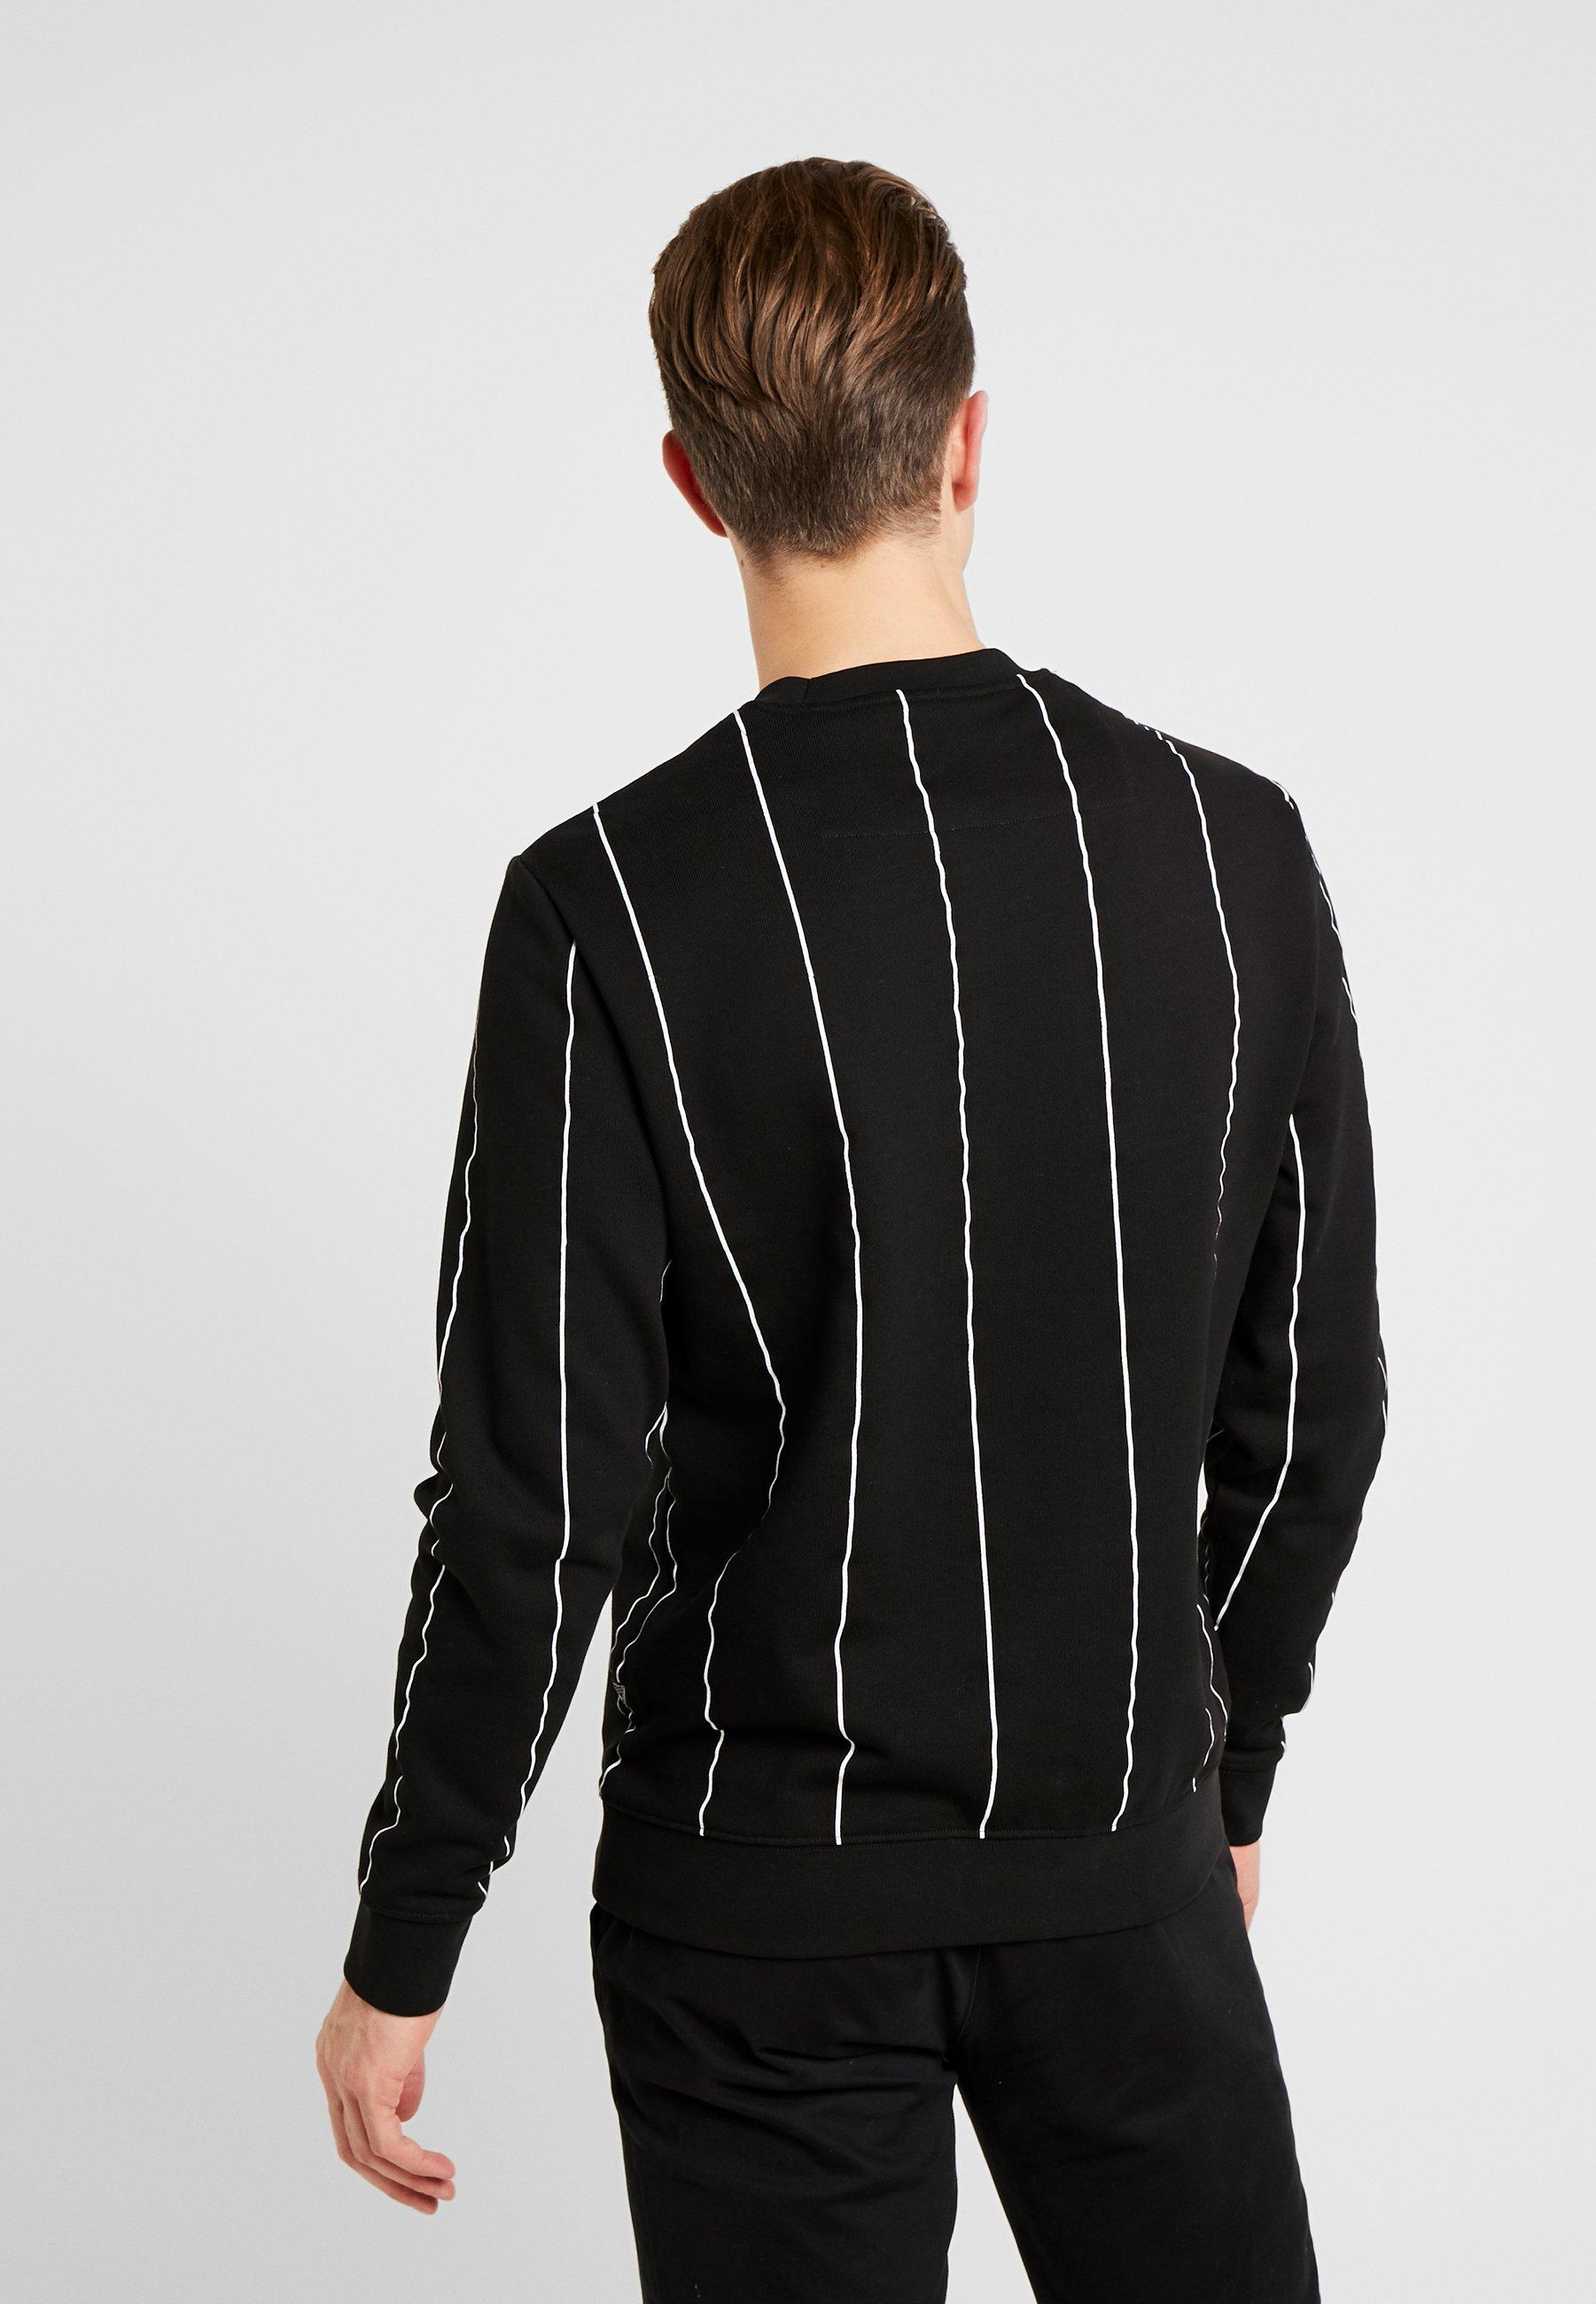 Yksinomainen Miesten vaatteet Sarja dfKJIUp97454sfGHYHD Guess Collegepaita black